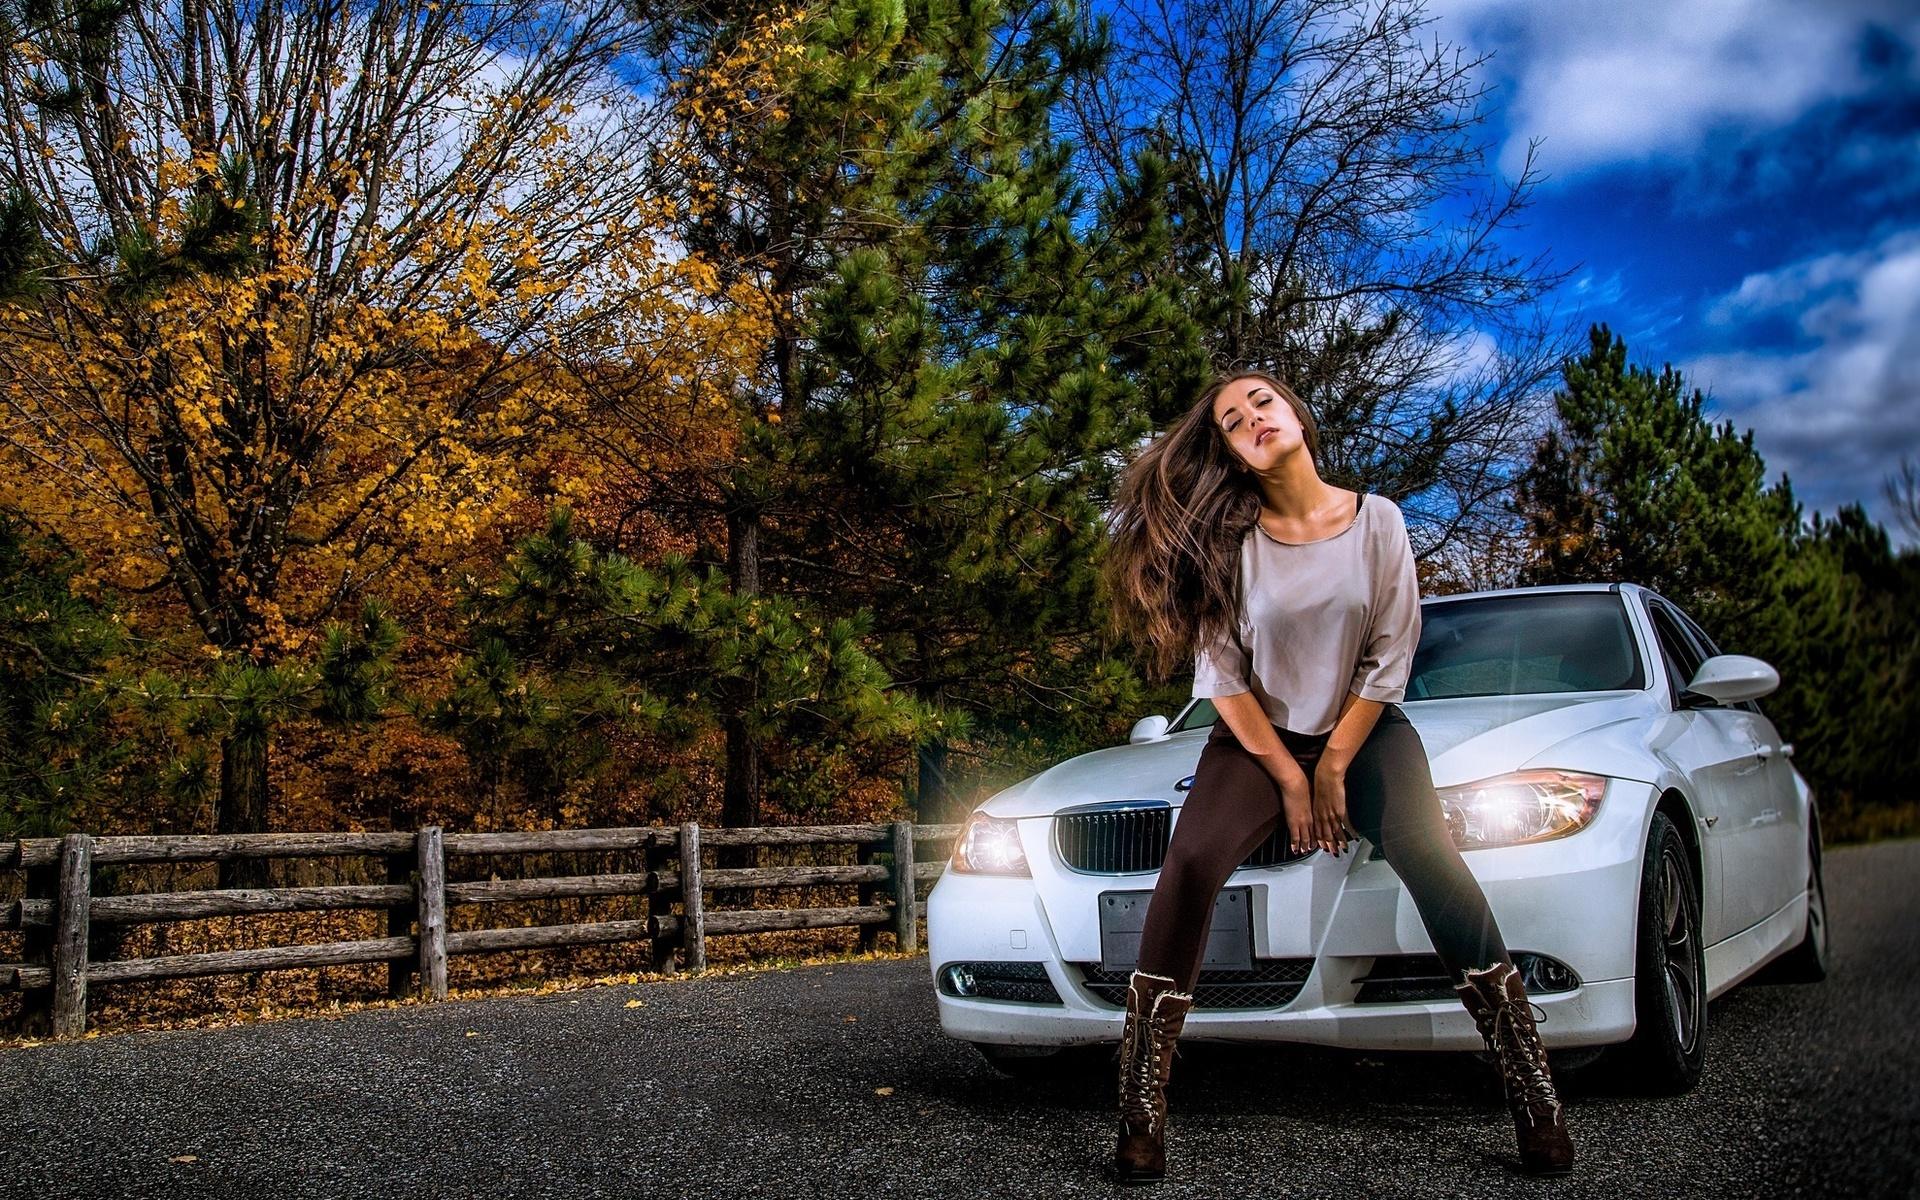 Большие фотки-девушки с авто на природе, порно на улице с пышными попами